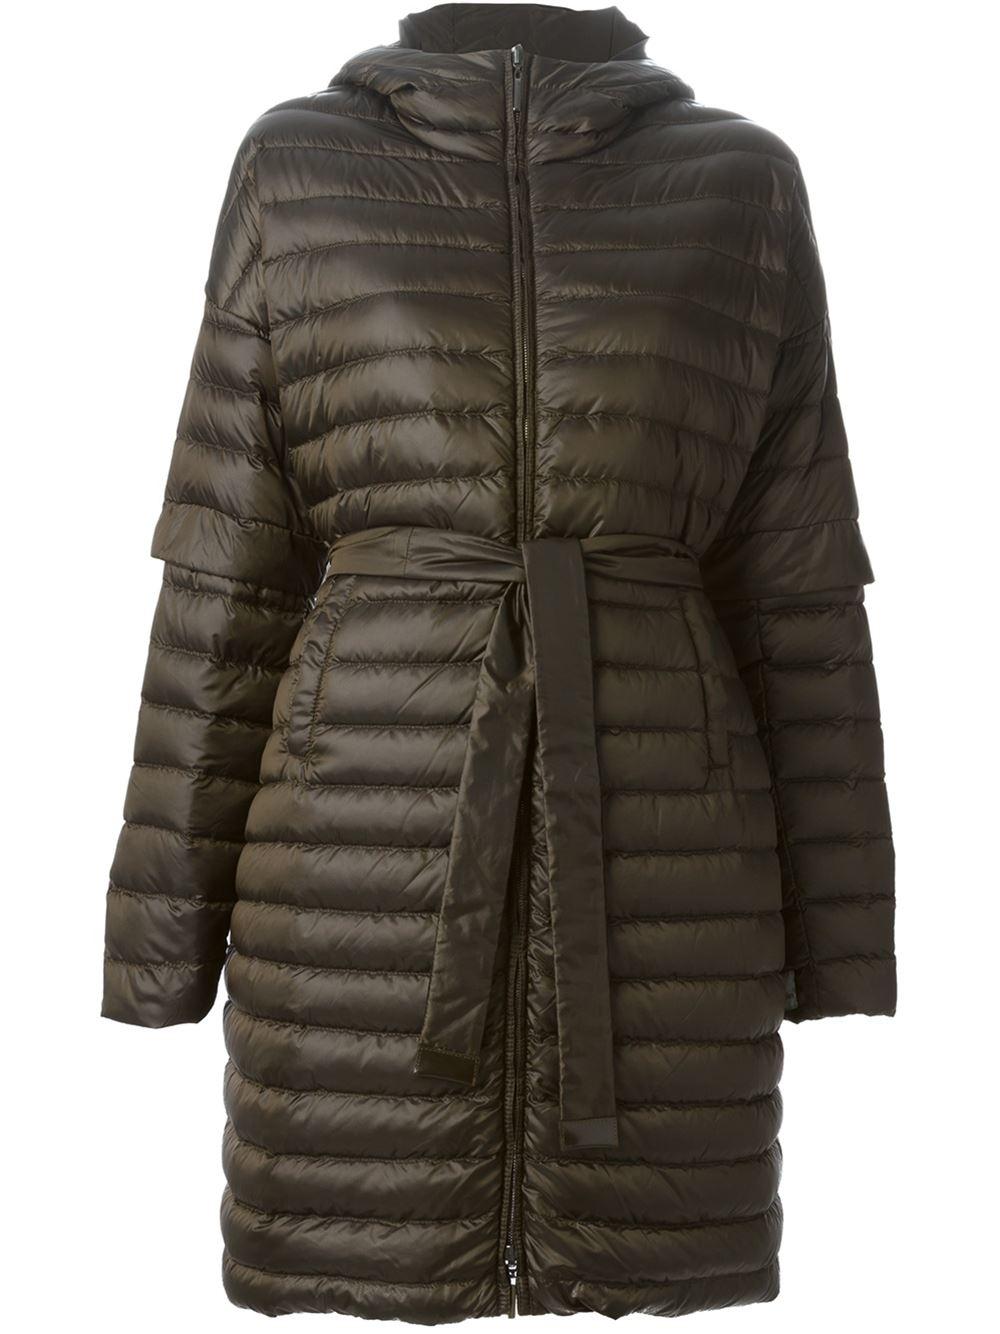 s max mara Padded Coat in Brown | Lyst